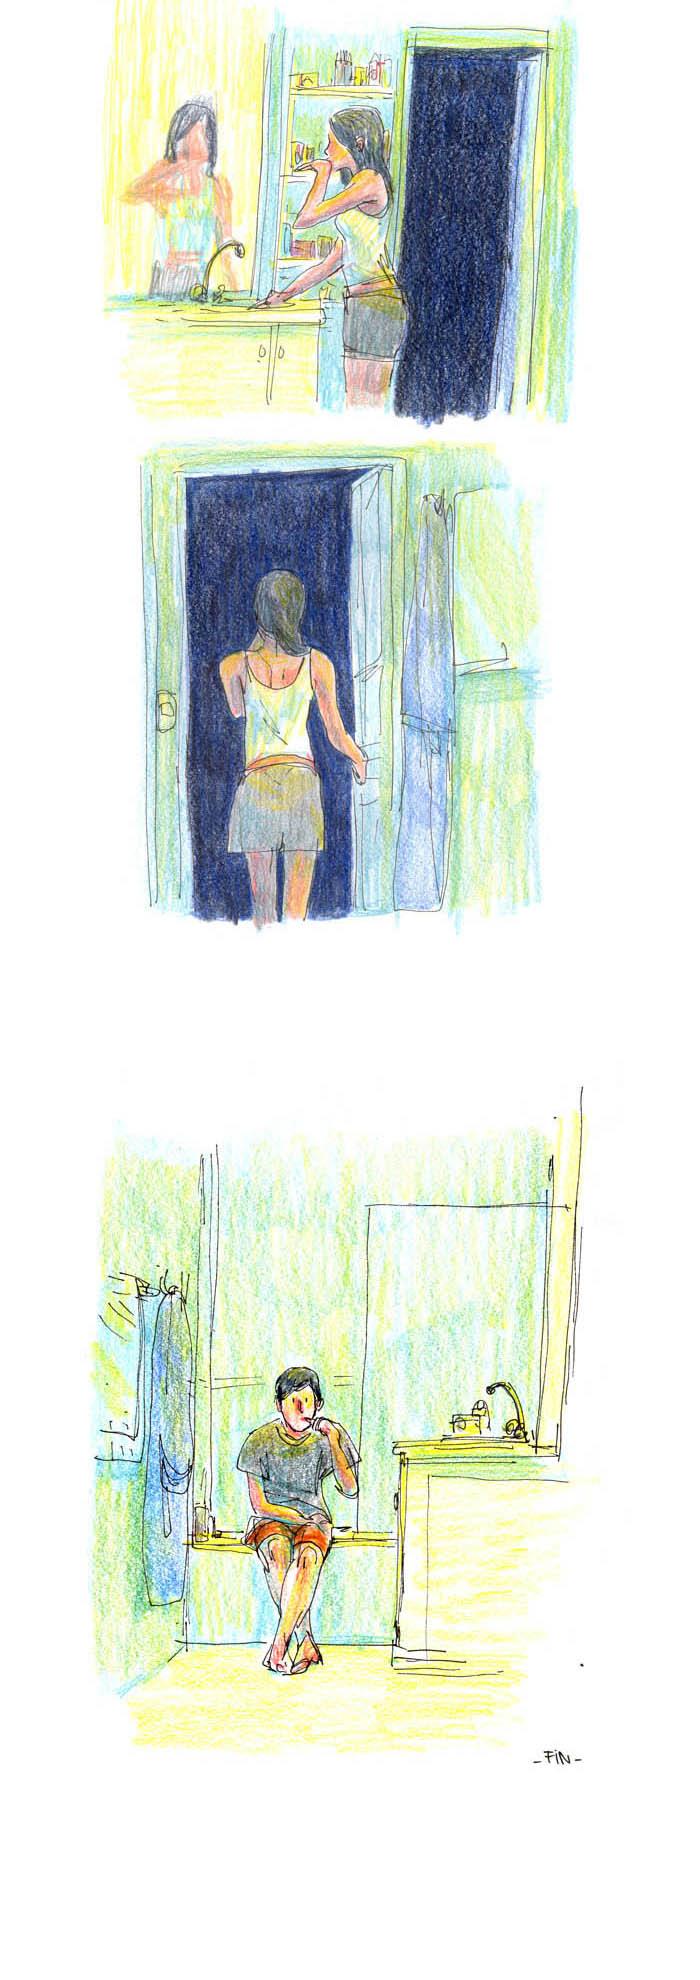 La Boucherie, planche(s) de l'album © Vraoum! / Vives